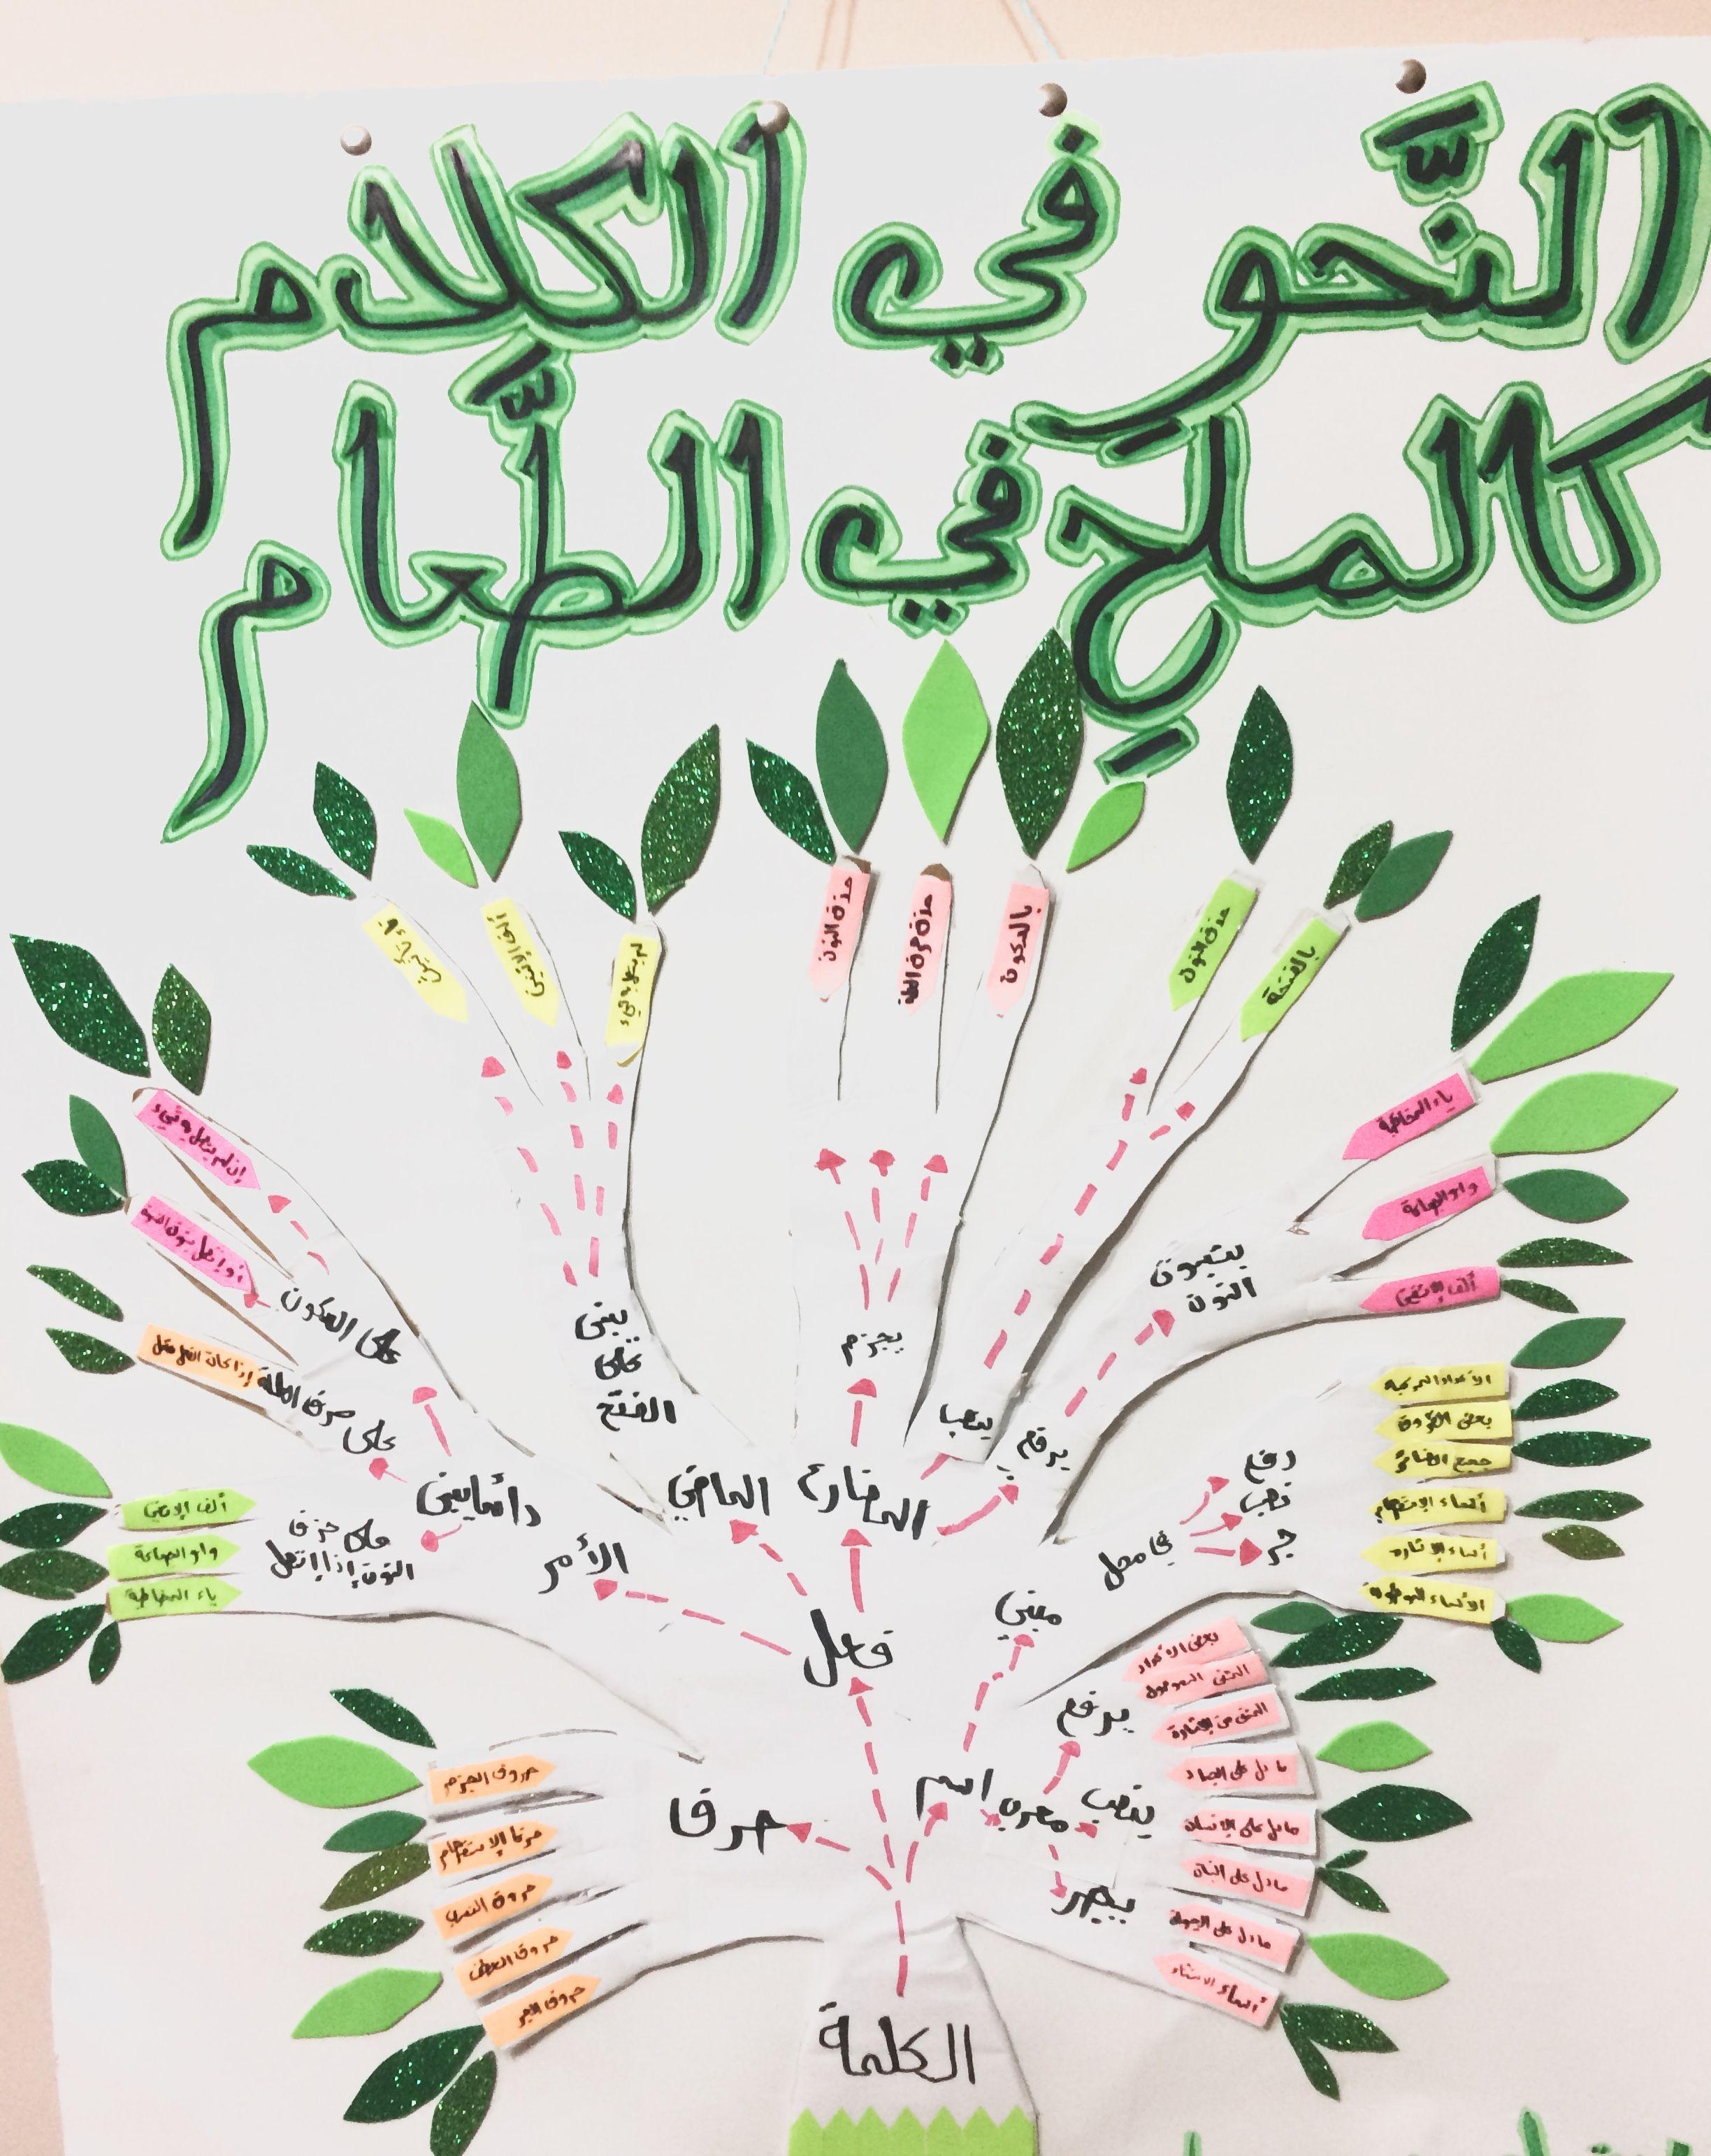 لوحة للغة العربية للأطفال النحو في الكلام كالملح في الطعام Arabic Calligraphy Calligraphy Art